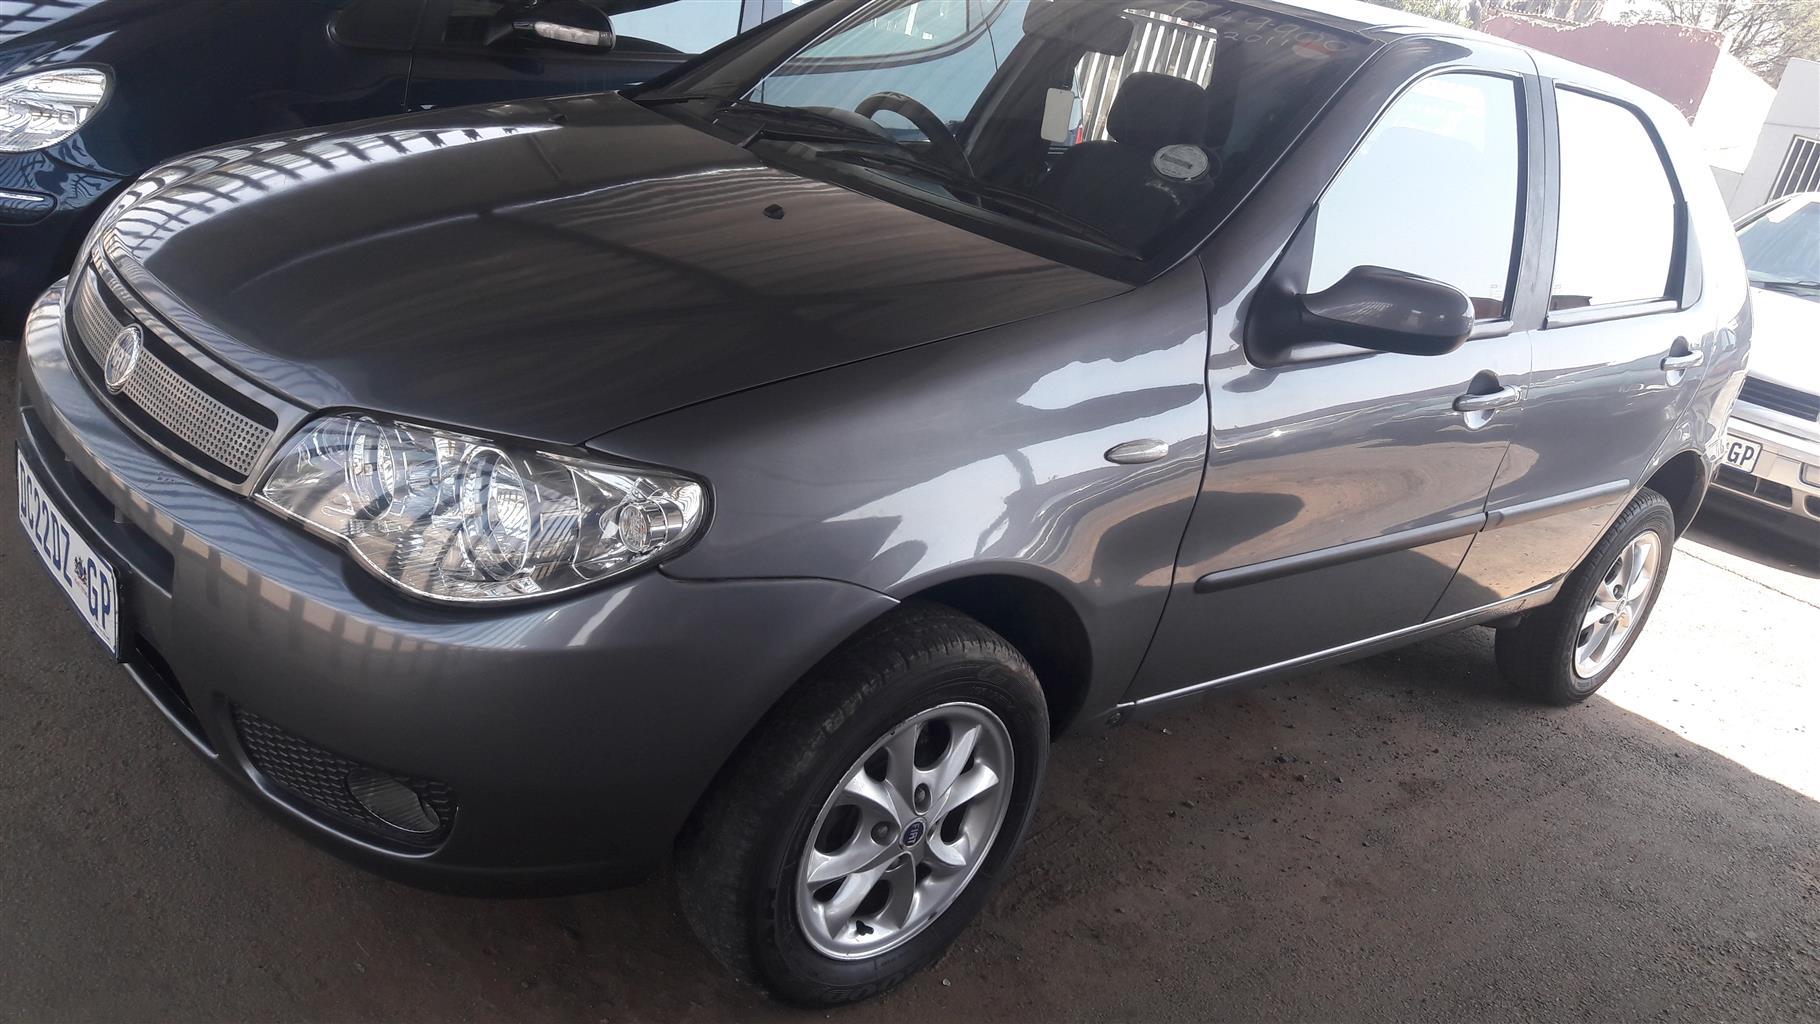 2011 Fiat Palio 1.6 ELX 5 door